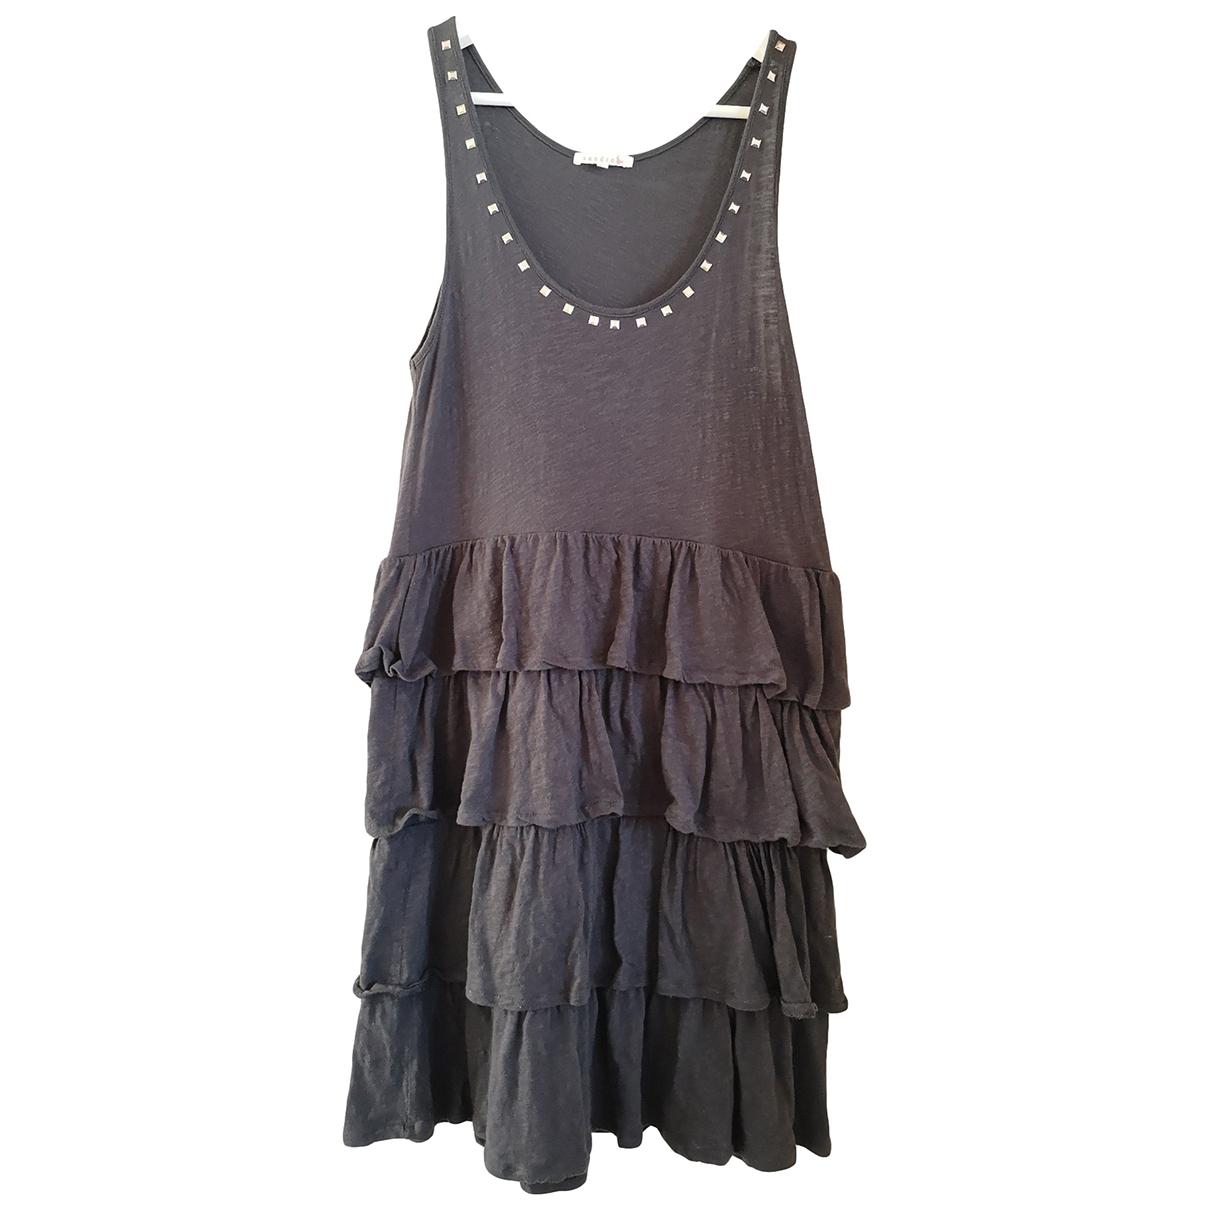 Sandro \N Grey Cotton dress for Women 38 FR